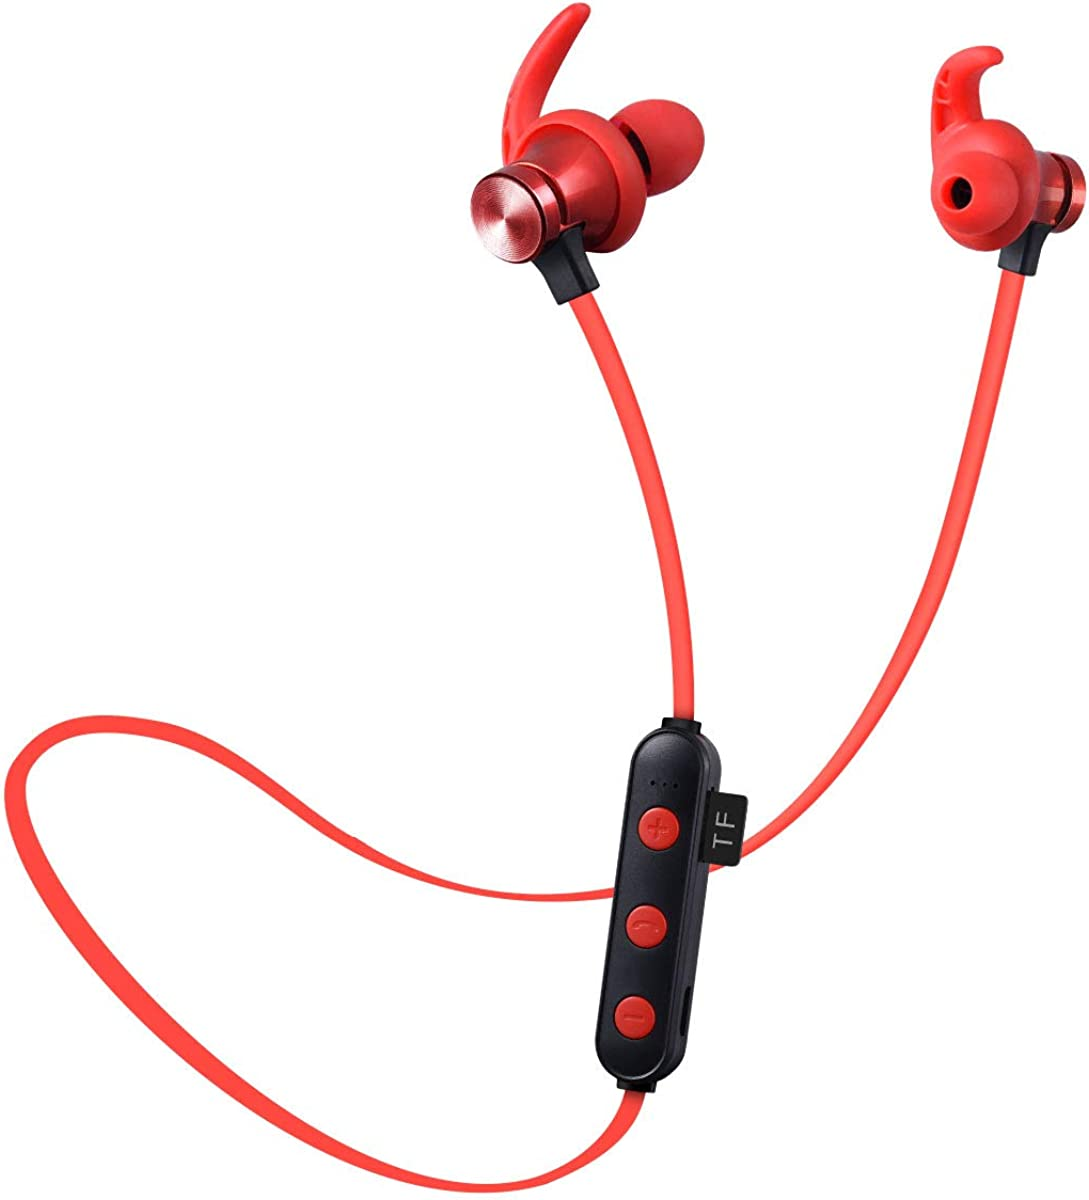 Youyababay Auricular Deportivo inalámbrico Auricular magnético V4.2 Blue-Tooth Auricular Banda para el Cuello Colgando Auriculares estéreo